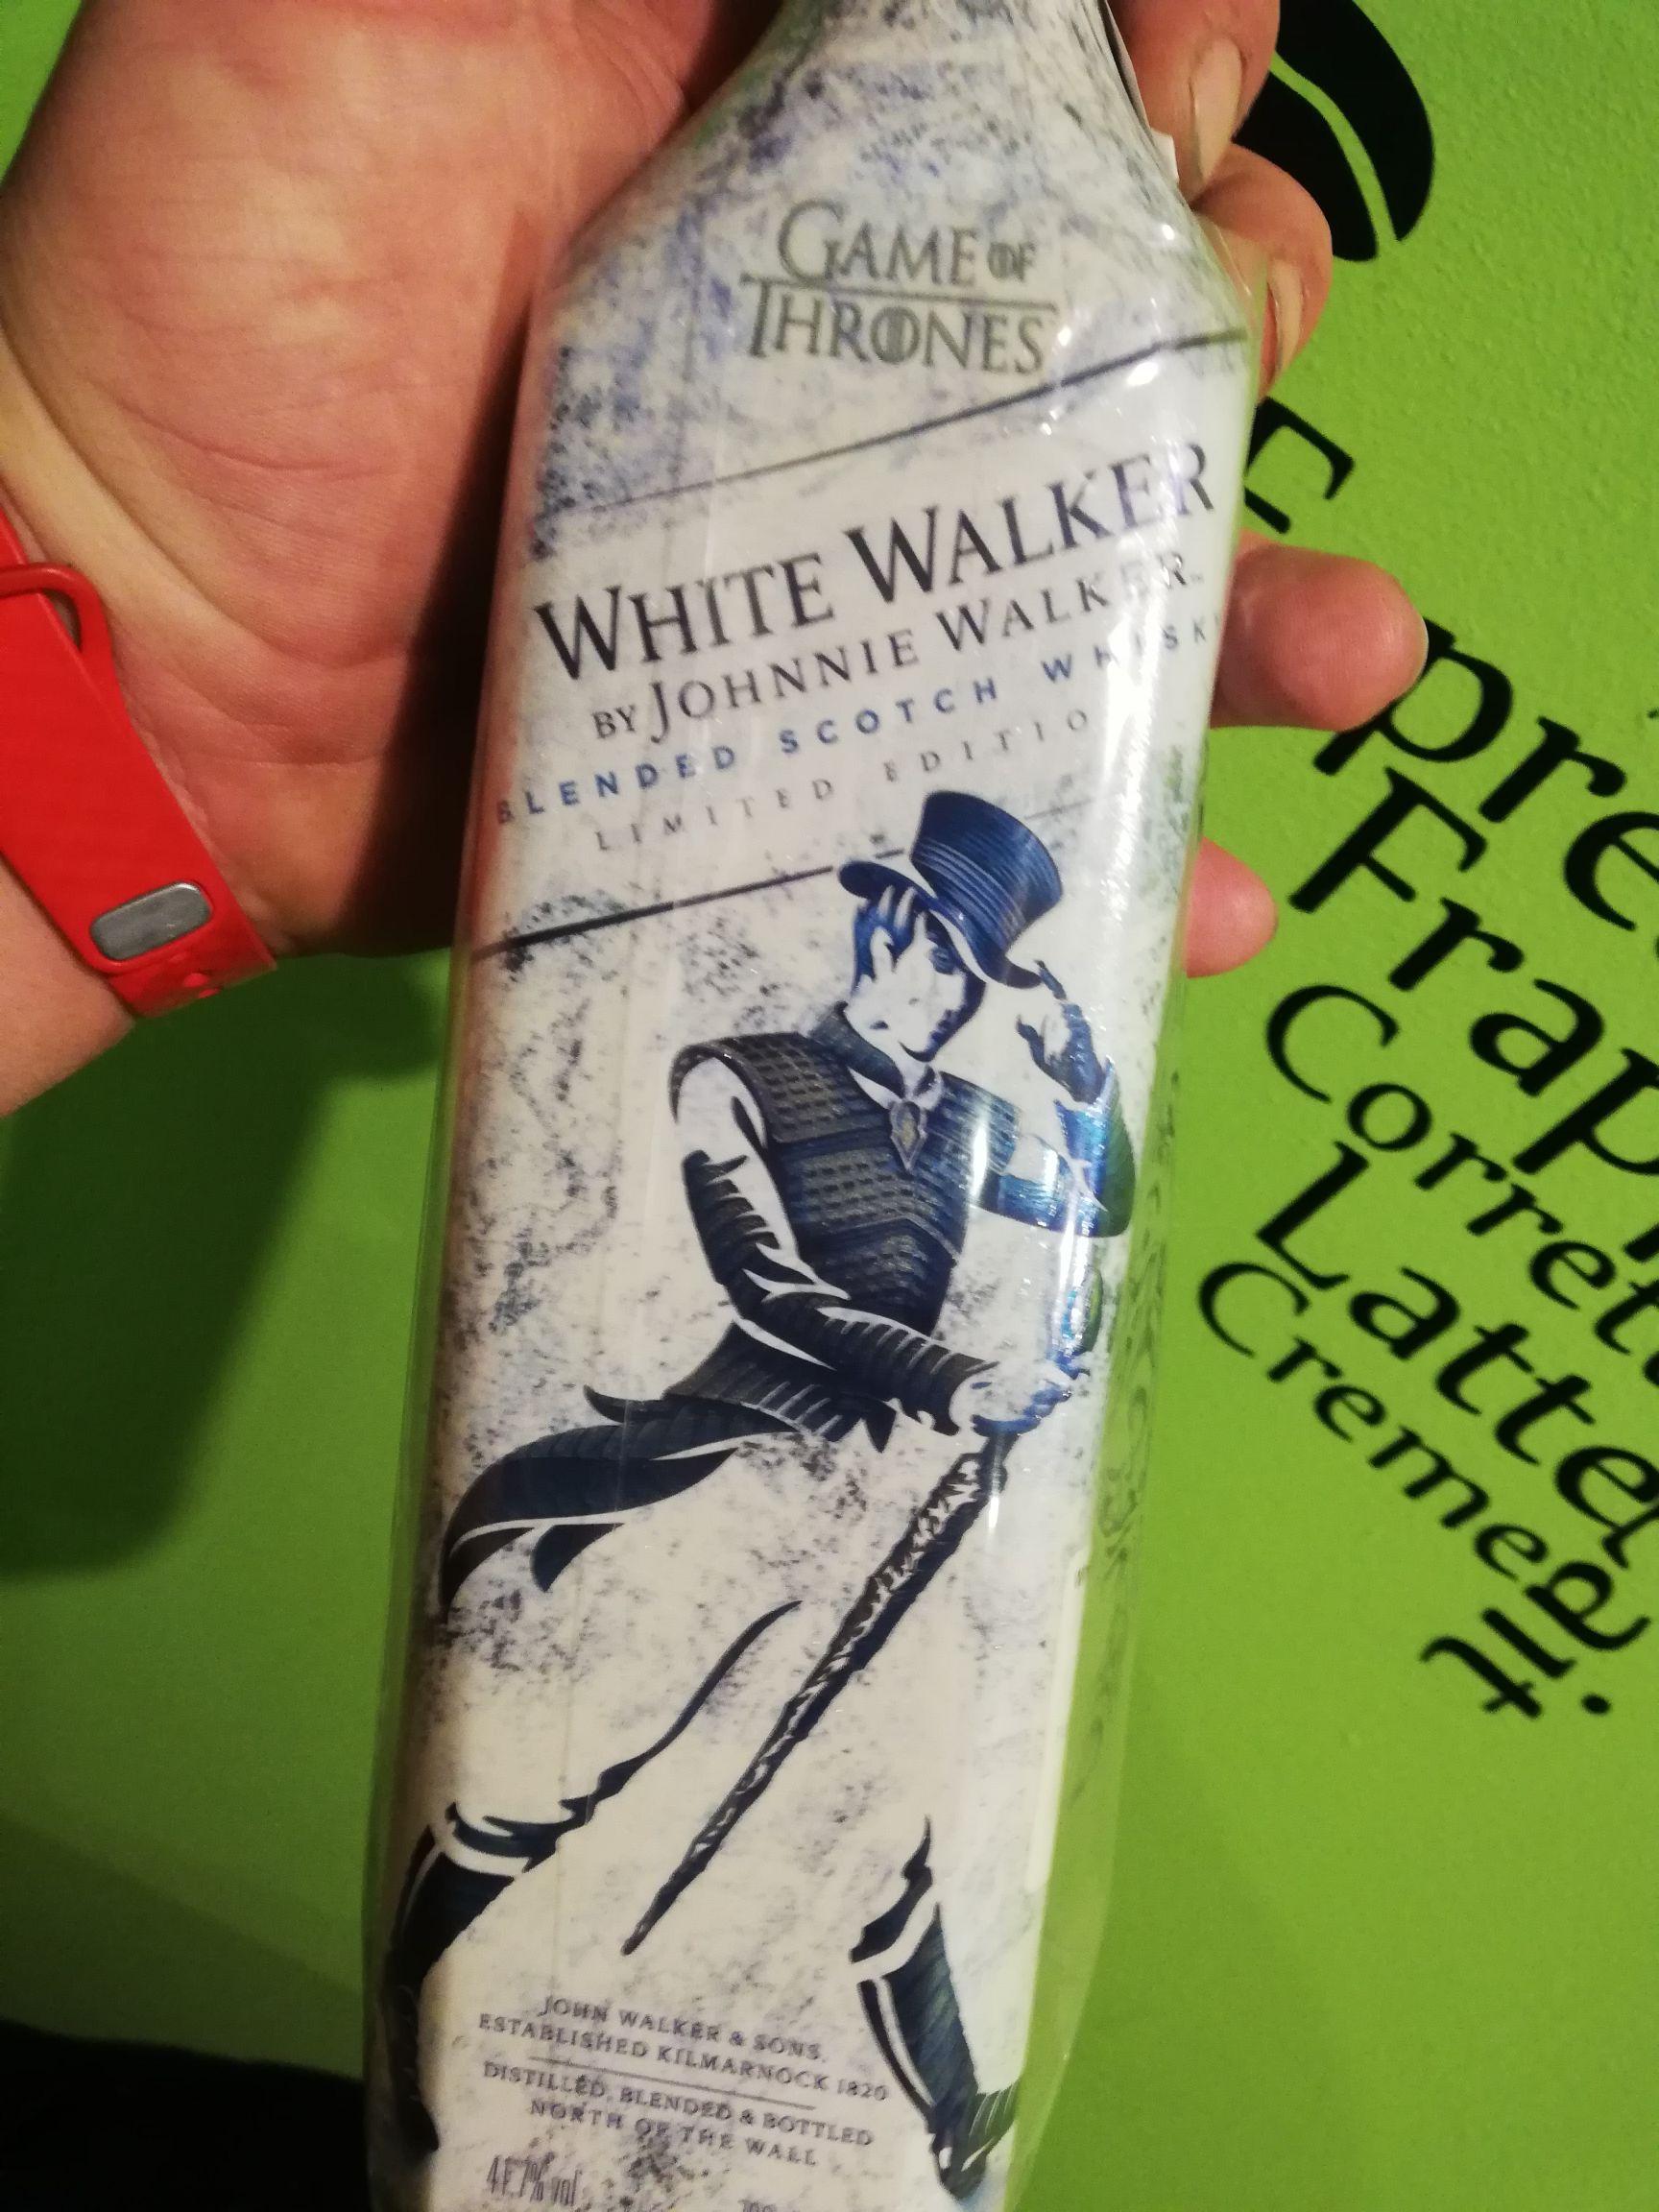 White Walker whisky Delikatesy Centrum